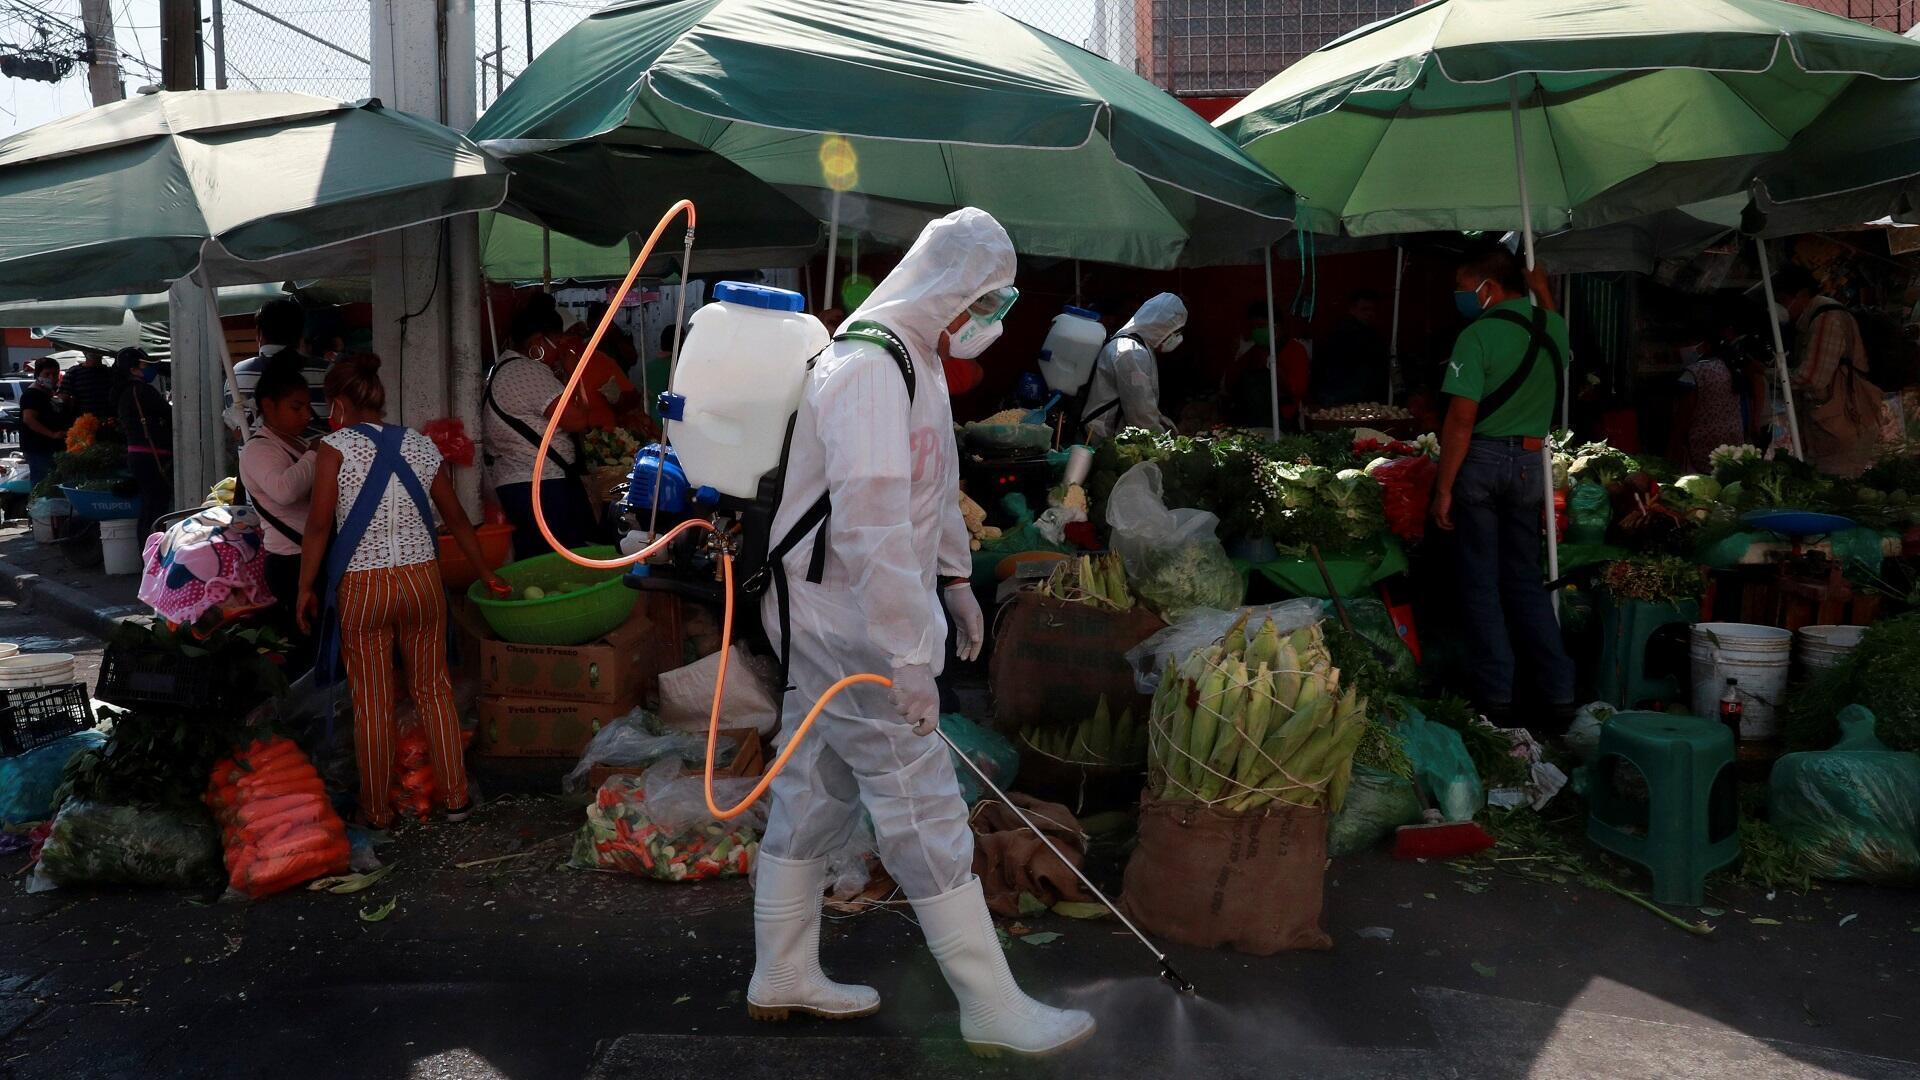 Un empleado municipal, que usa equipo de protección, desinfecta el exterior del mercado local, mientras continúa el brote de la enfermedad por coronavirus en Xochimilco, Ciudad de México, México, 5 de mayo de 2020.